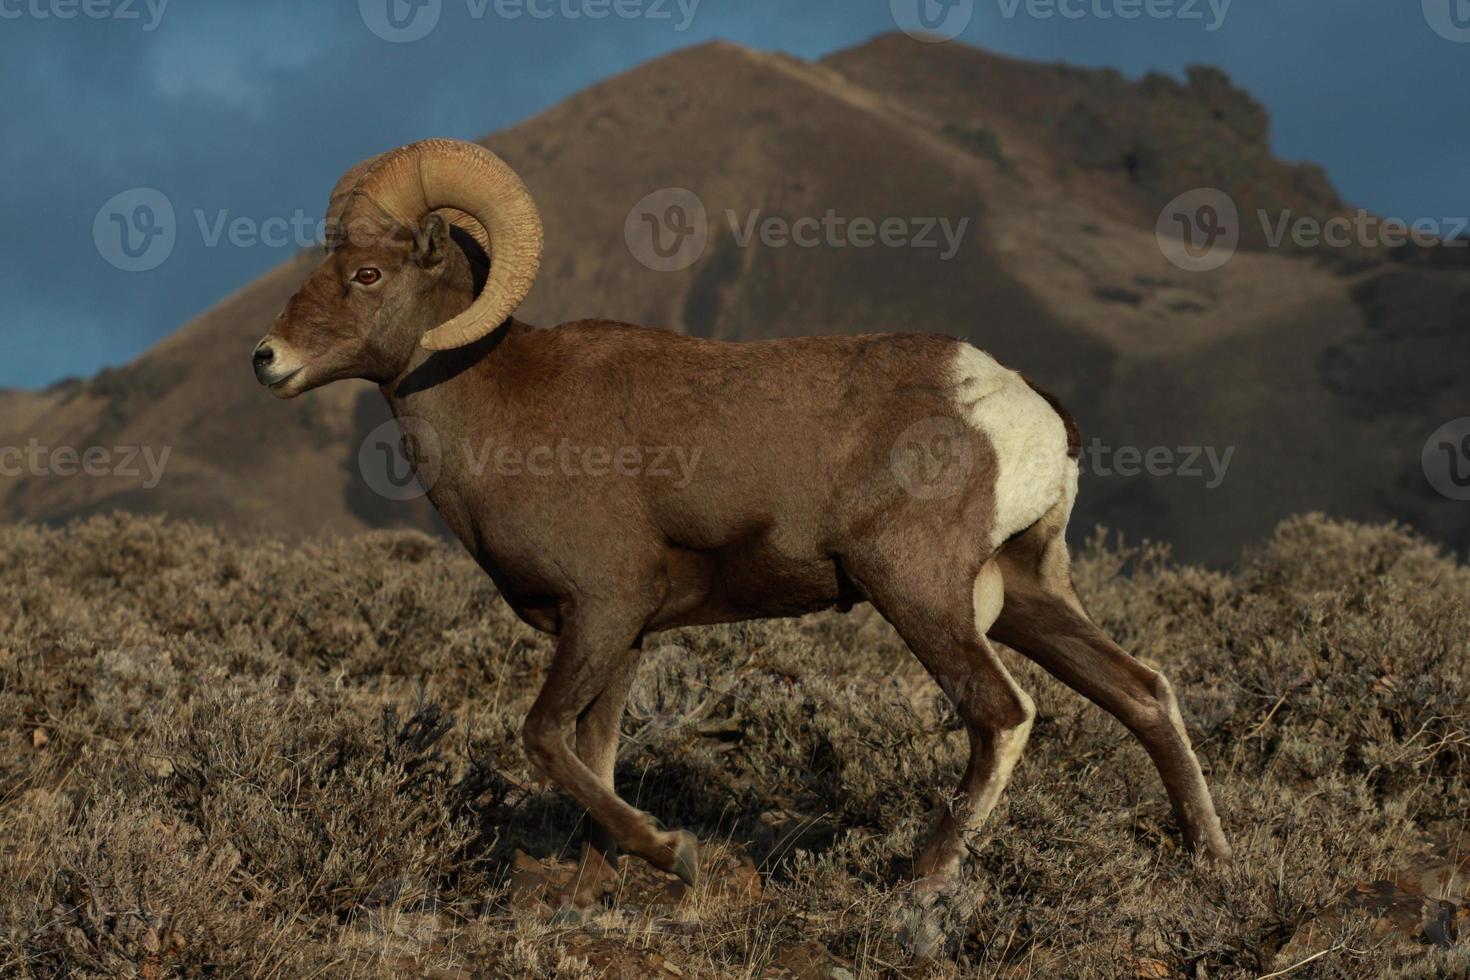 ram carneiros selvagens do deserto caminha através de sálvia dura foto